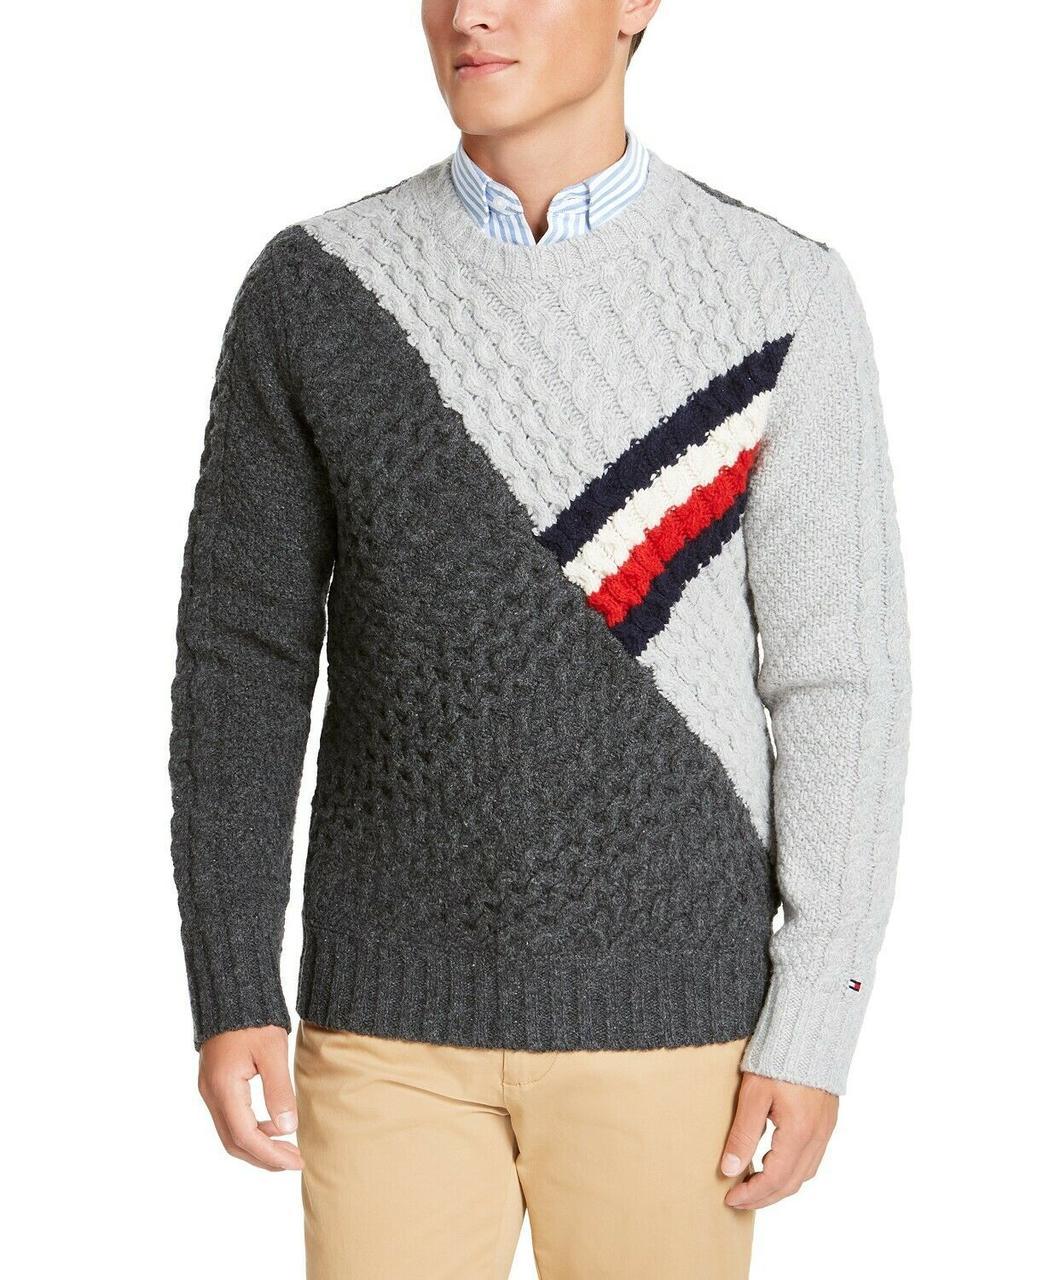 Tommy Hilfiger Мужской свитер -  А4